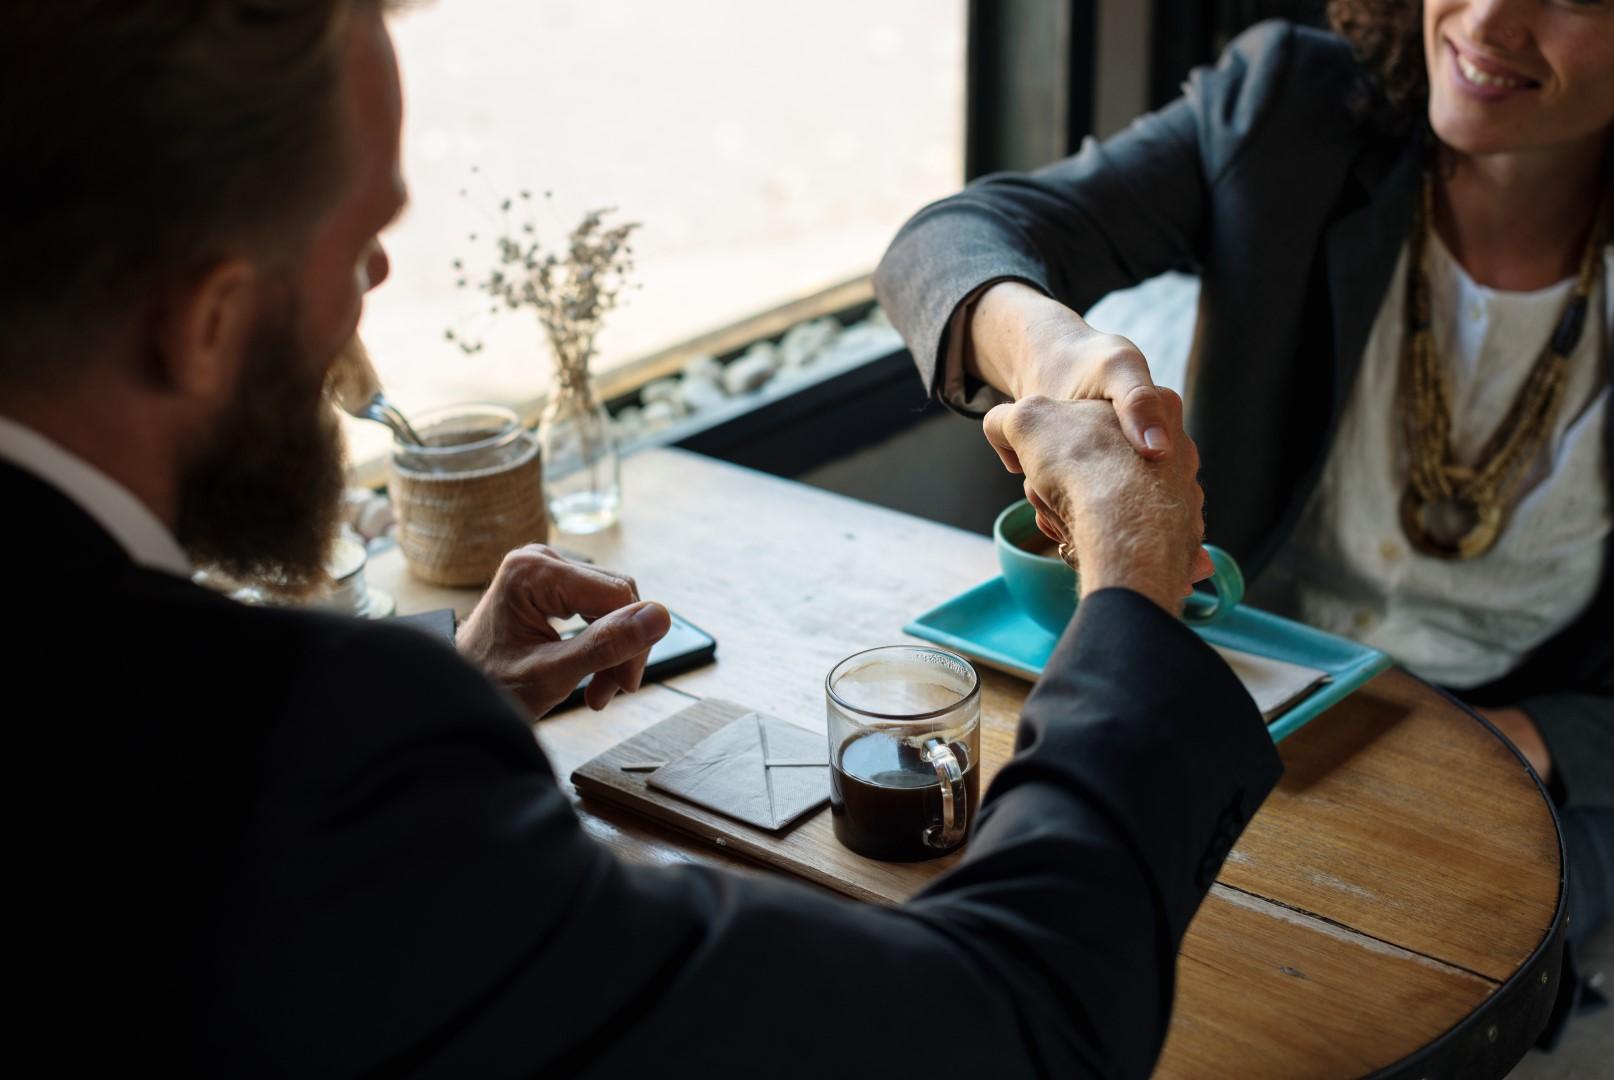 Nein sagen: Lernen Sie, zum Kunden Nein zu sagen